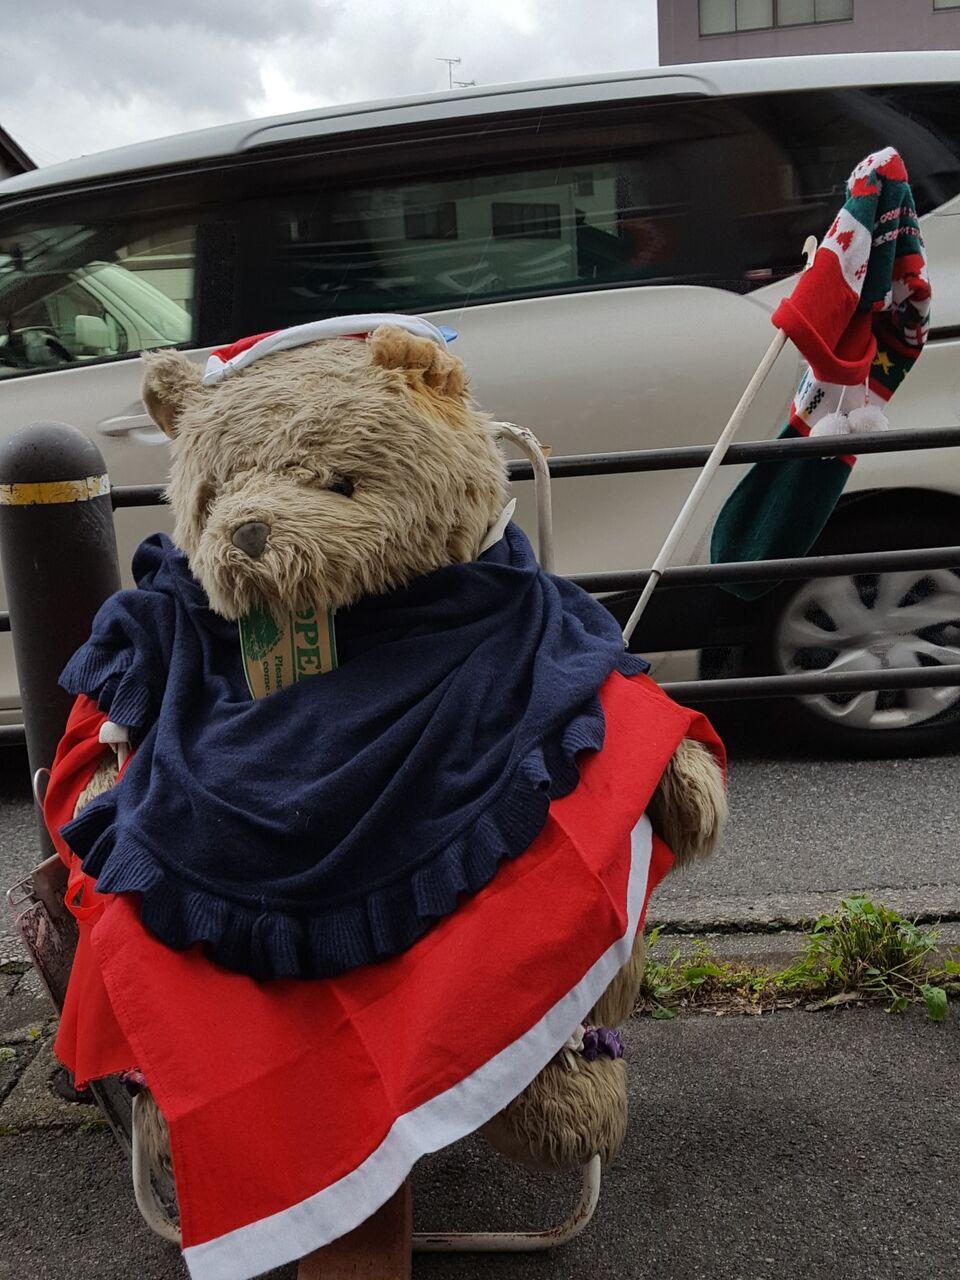 (雨の日も風の日も きょうも店頭に立ち続ける〝れもん〟のマスコット、クマさん人形 撮影・たかのぶ)